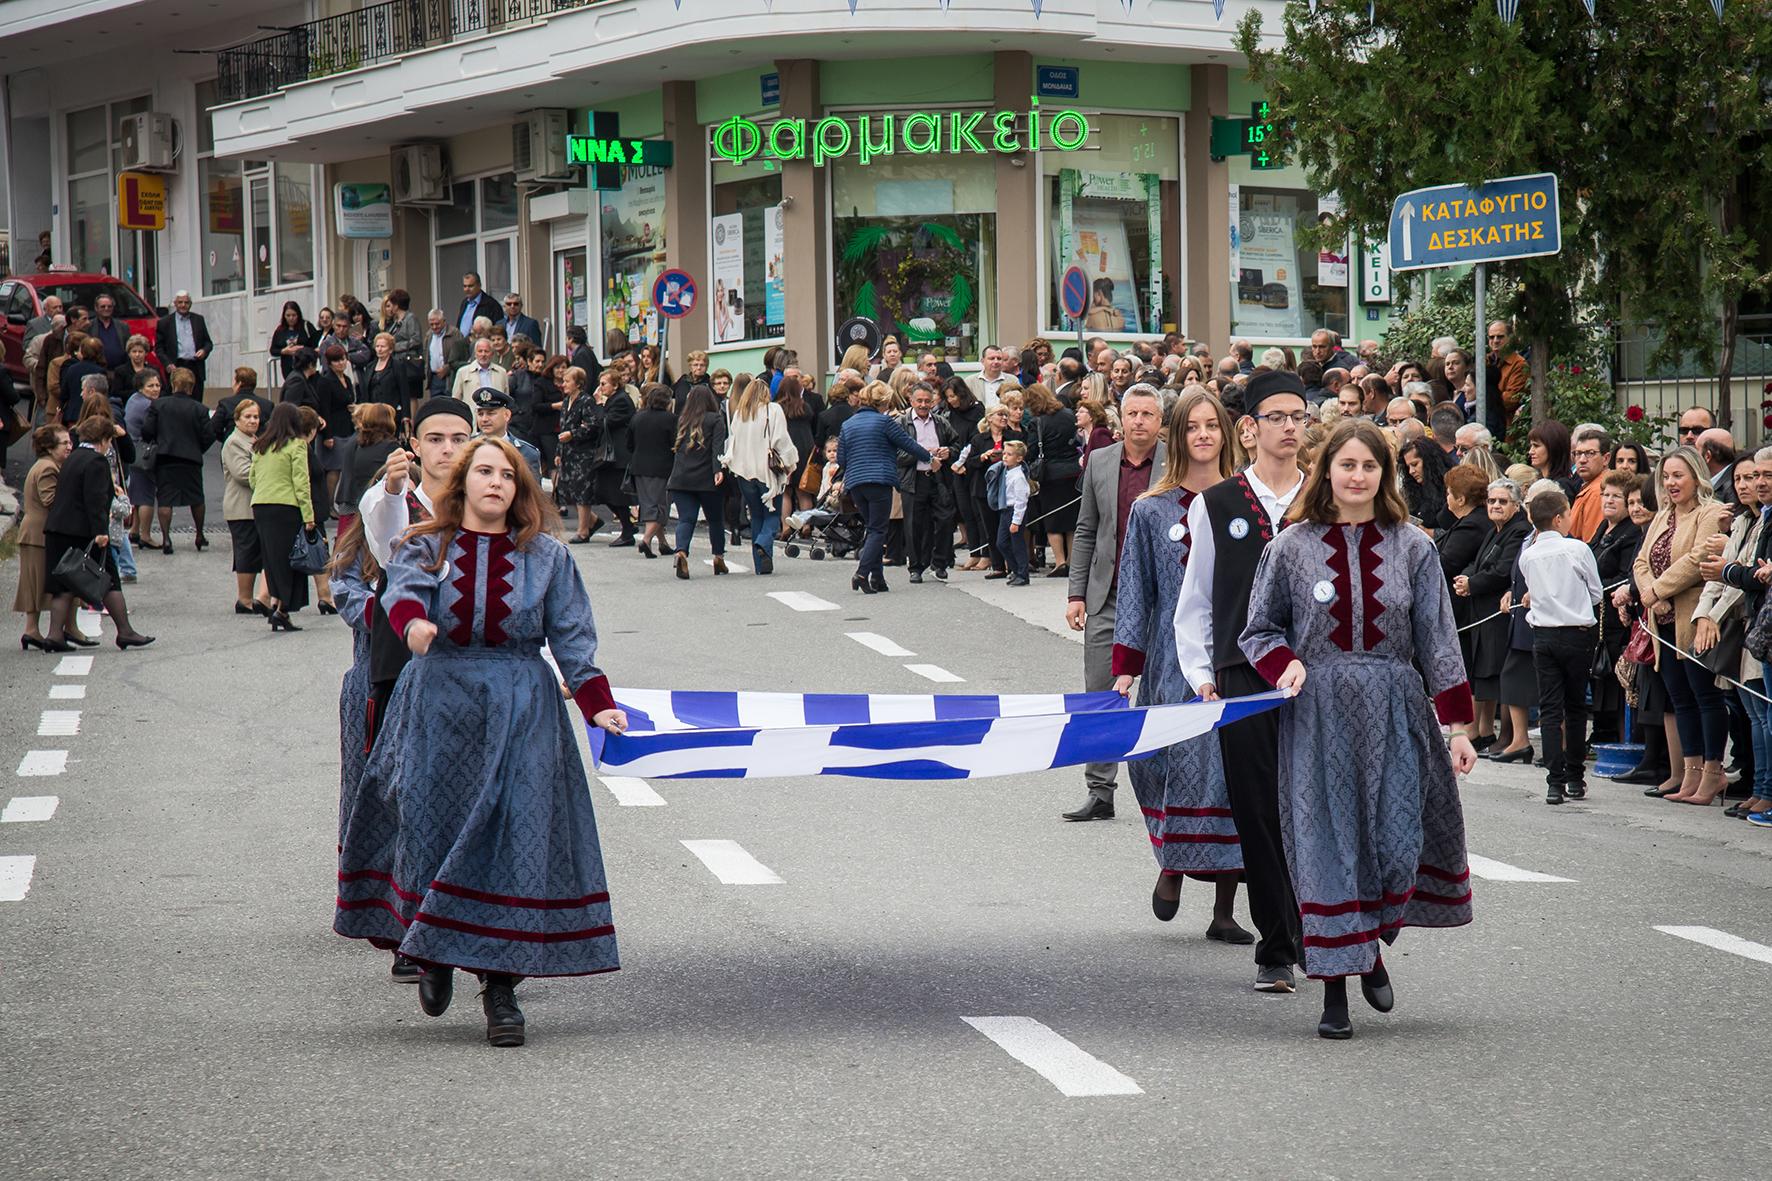 Εορταστικές εκδηλώσεις για την 107η επέτειο της απελευθέρωσης της Δεσκάτης